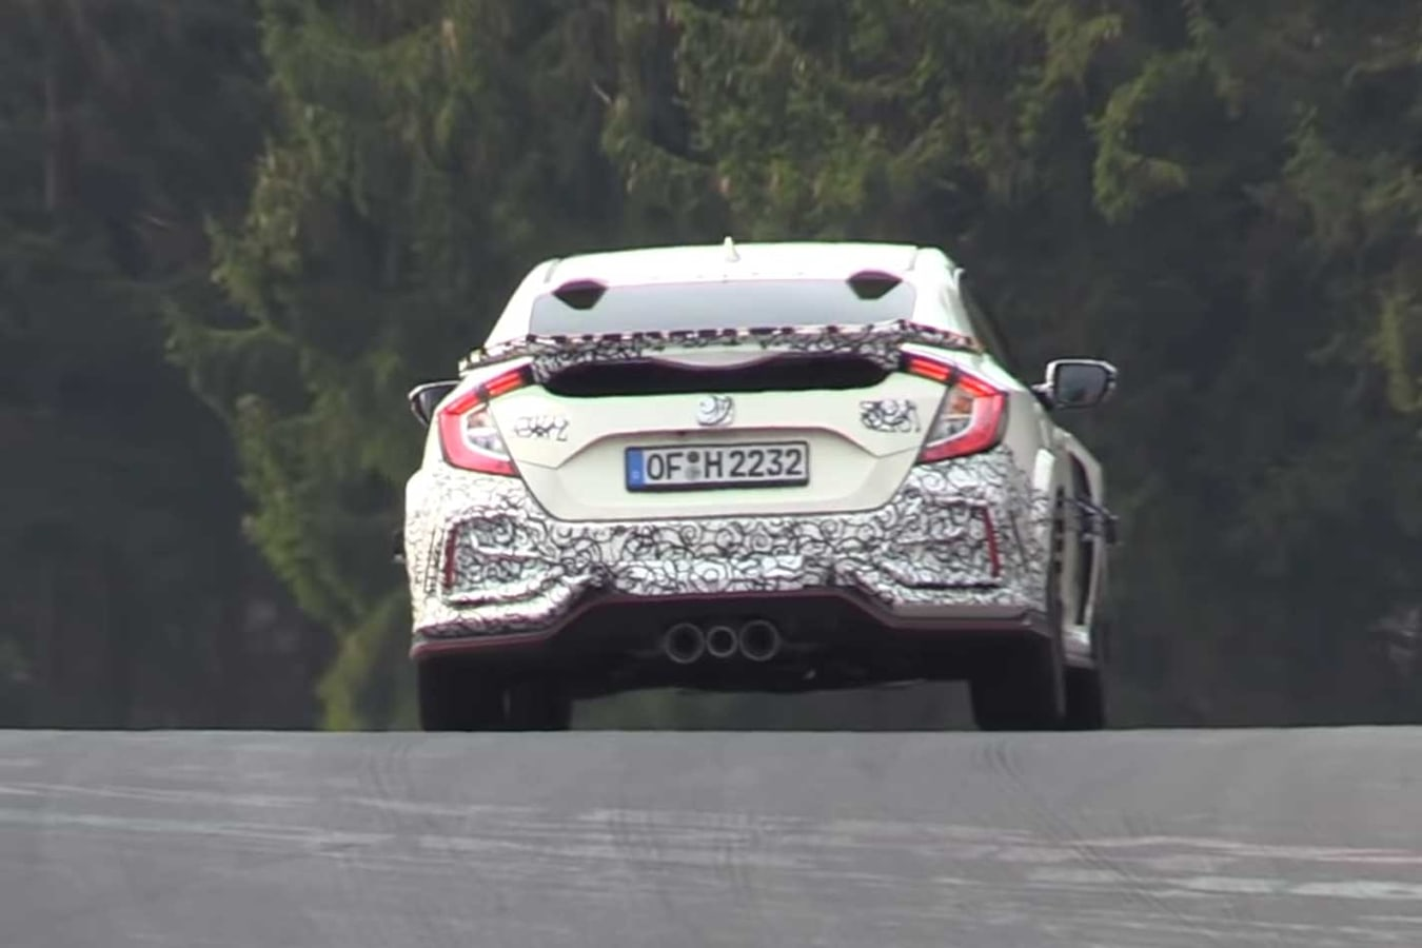 2020 Honda Civic Type R Nurburgring Spy Footage New Rear Wing Jpg